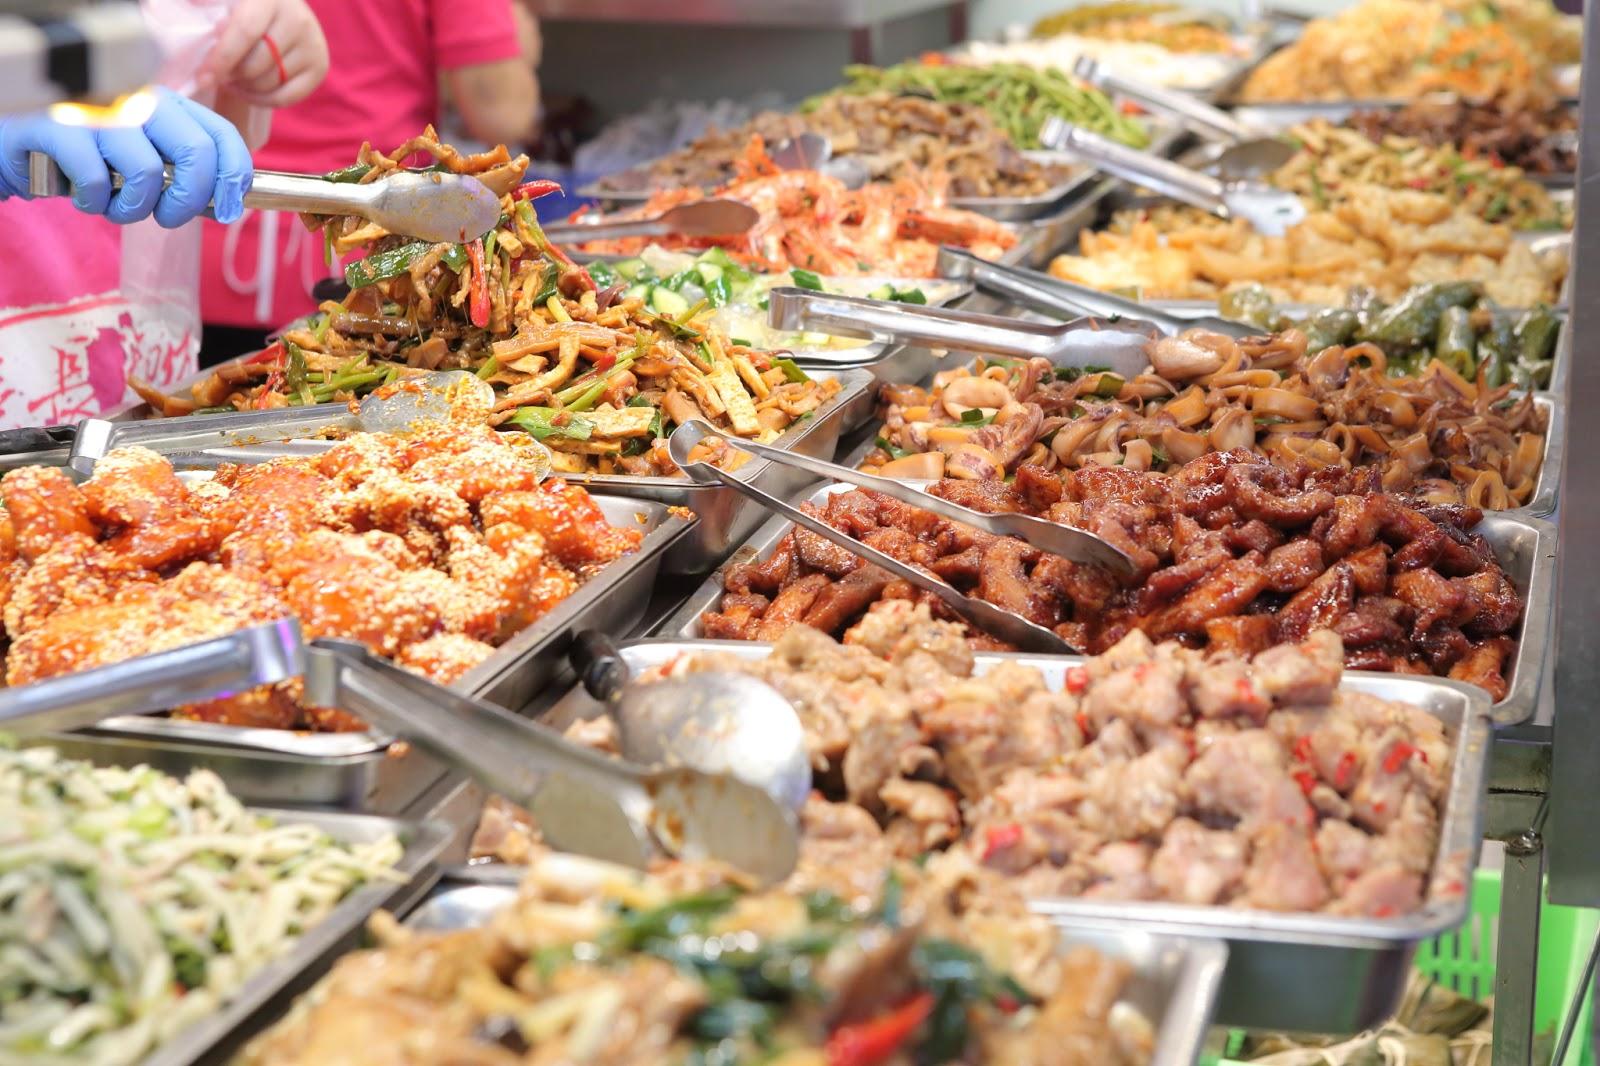 原來,菜市場也能這麼好逛!雙北市四星美食名攤巡禮 年節送禮,熱菜熟肉,甜點咖啡,伴嘴小物一應俱全 ...